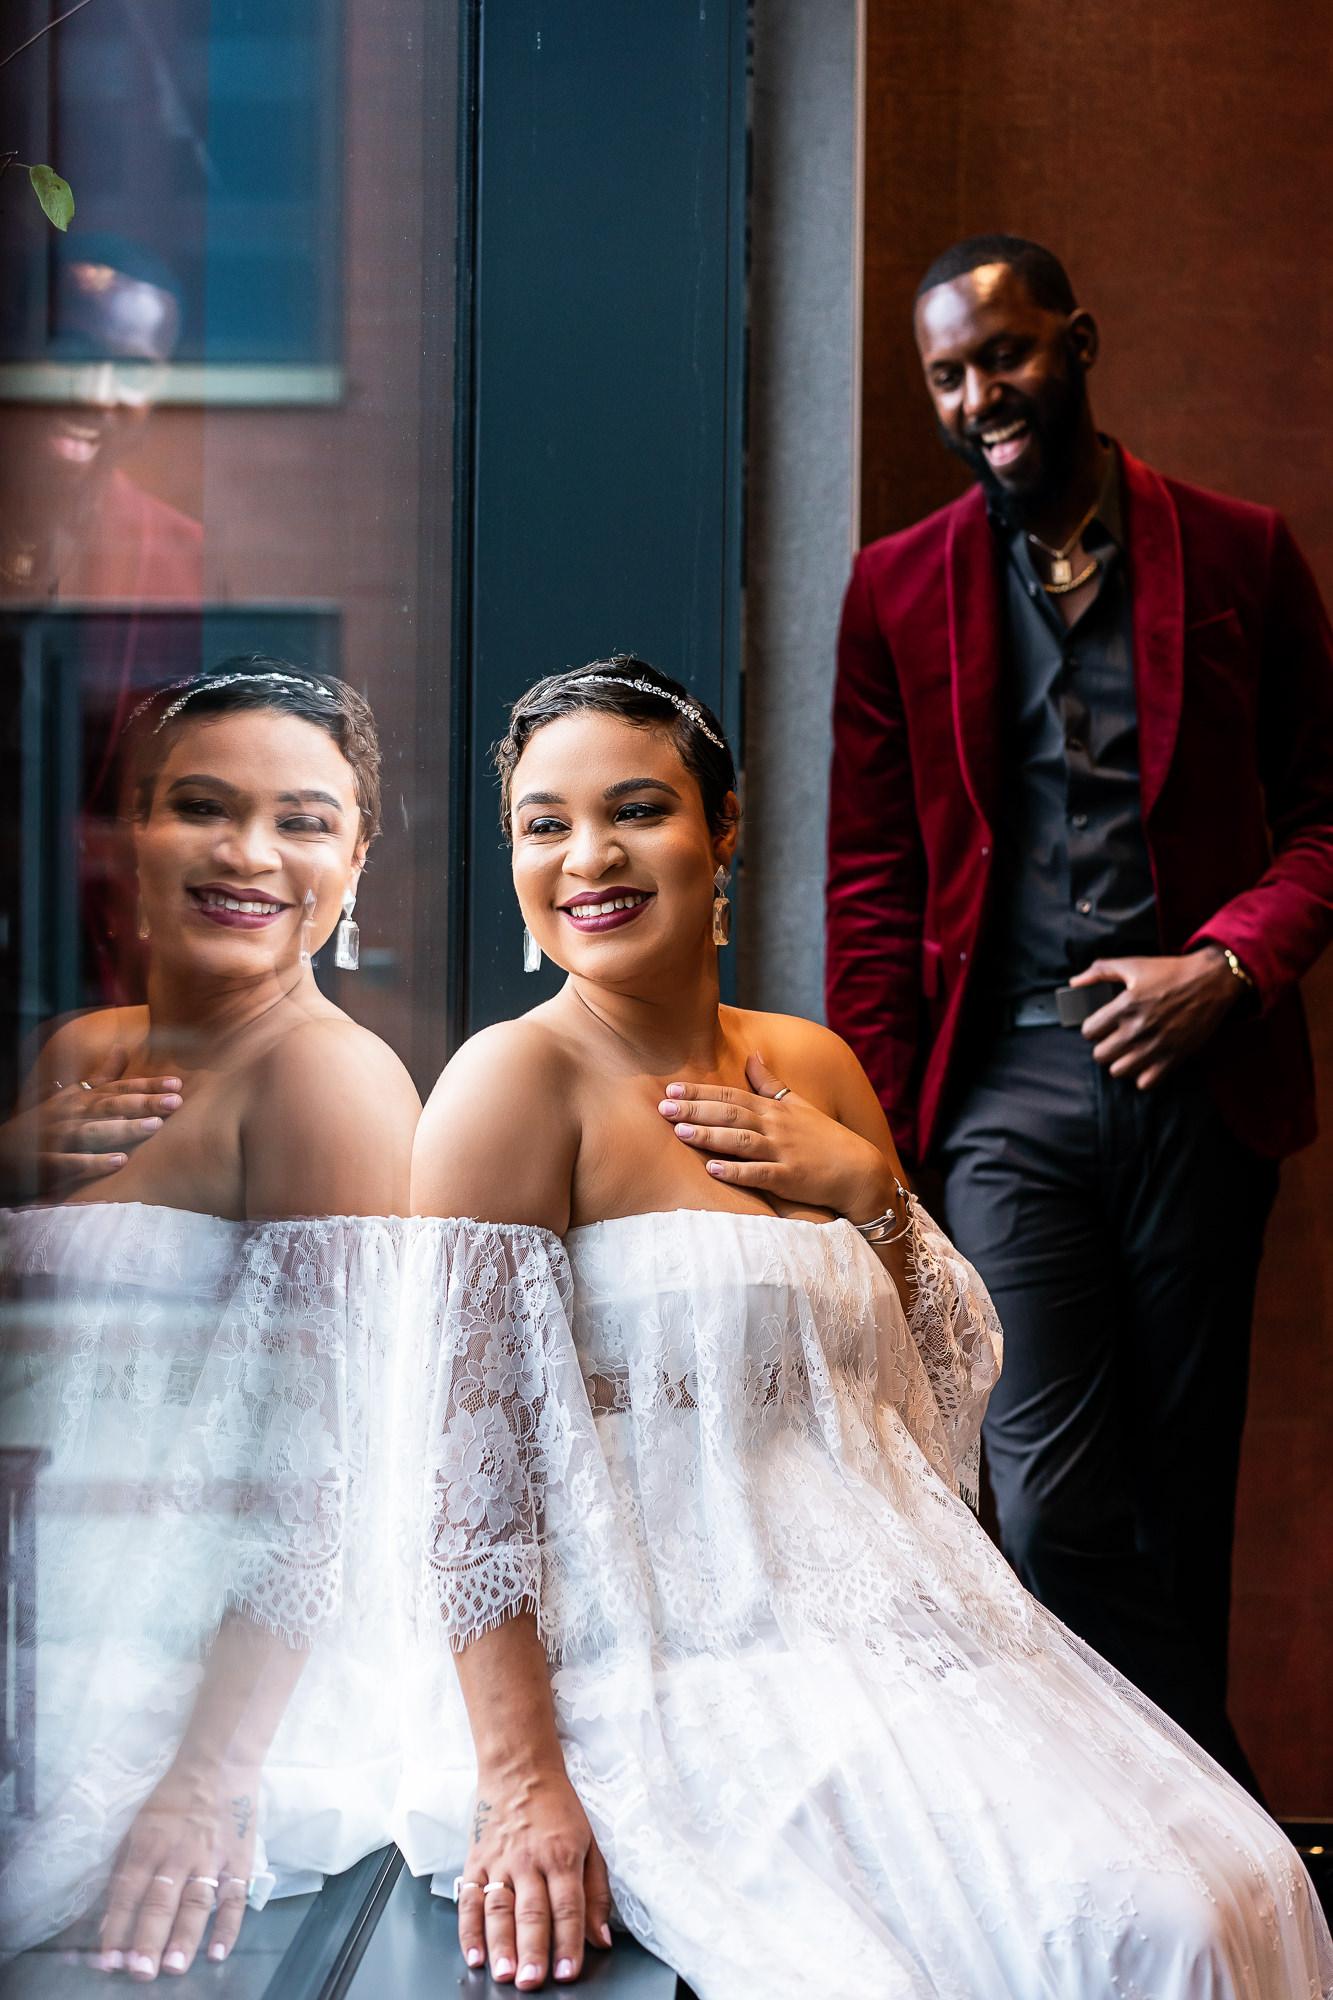 001-001-christopher-jason-studios-university-of-maryland-wedding-raheem-Devaughn-african-american-bride-and-groom.jpg